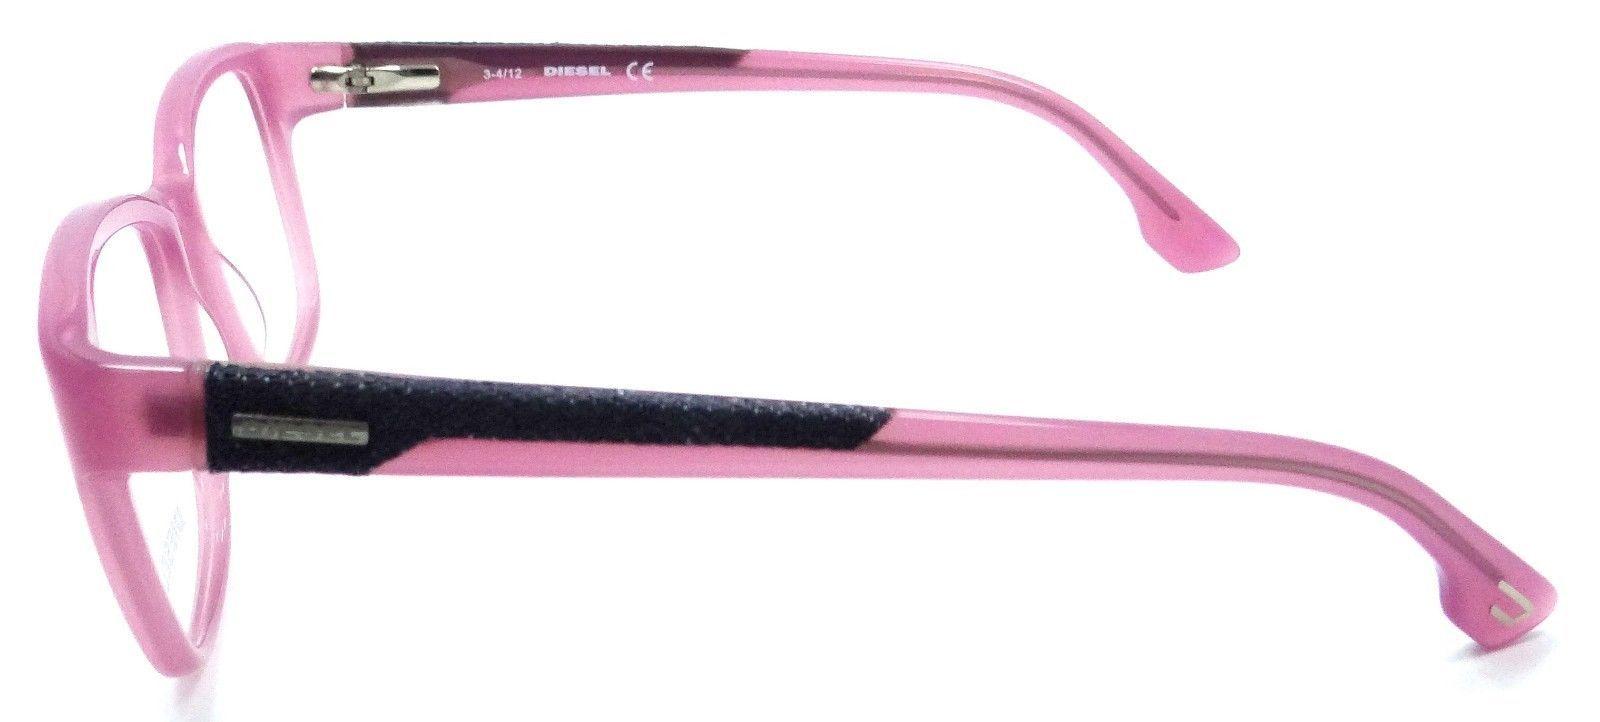 5a876273af New Authentic Diesel Rx Eyeglasses Frames DL5032 081 51-16-140 Pink   Blue